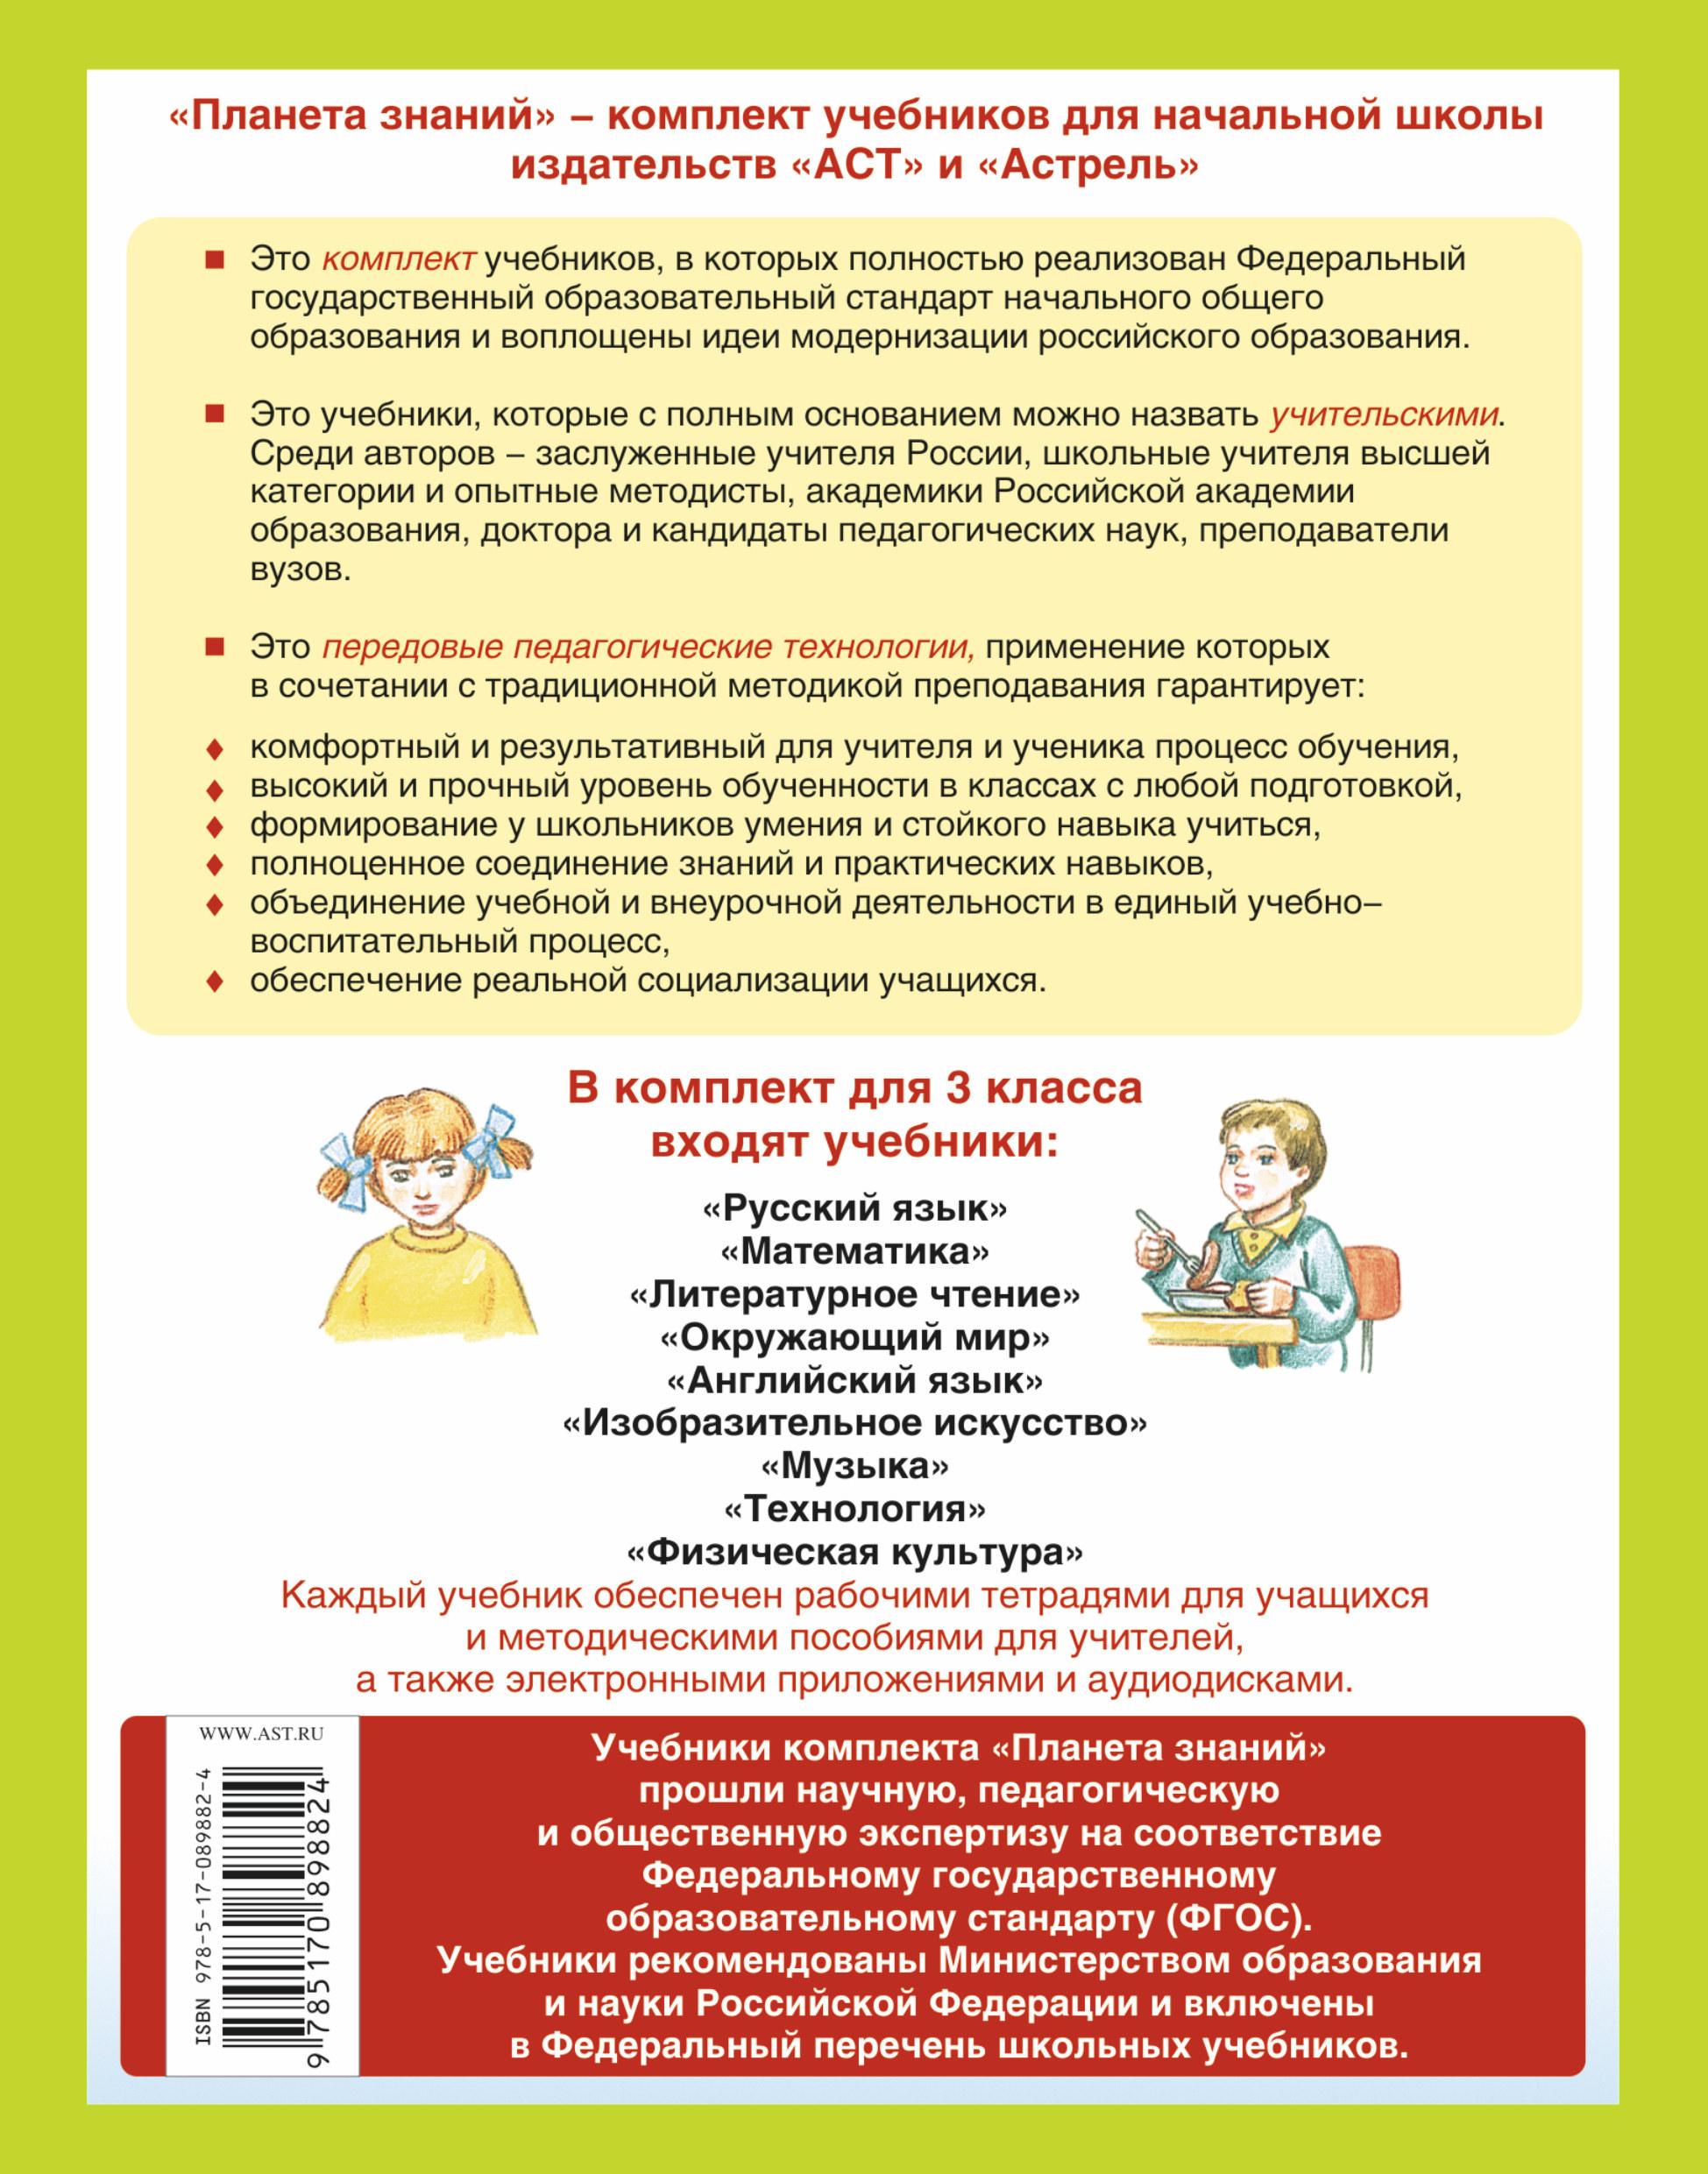 Русский язык. 3 класс. Рабочая тетрадь №1. К учебнику Л. Я. Желтовской, О. Б. Калининой